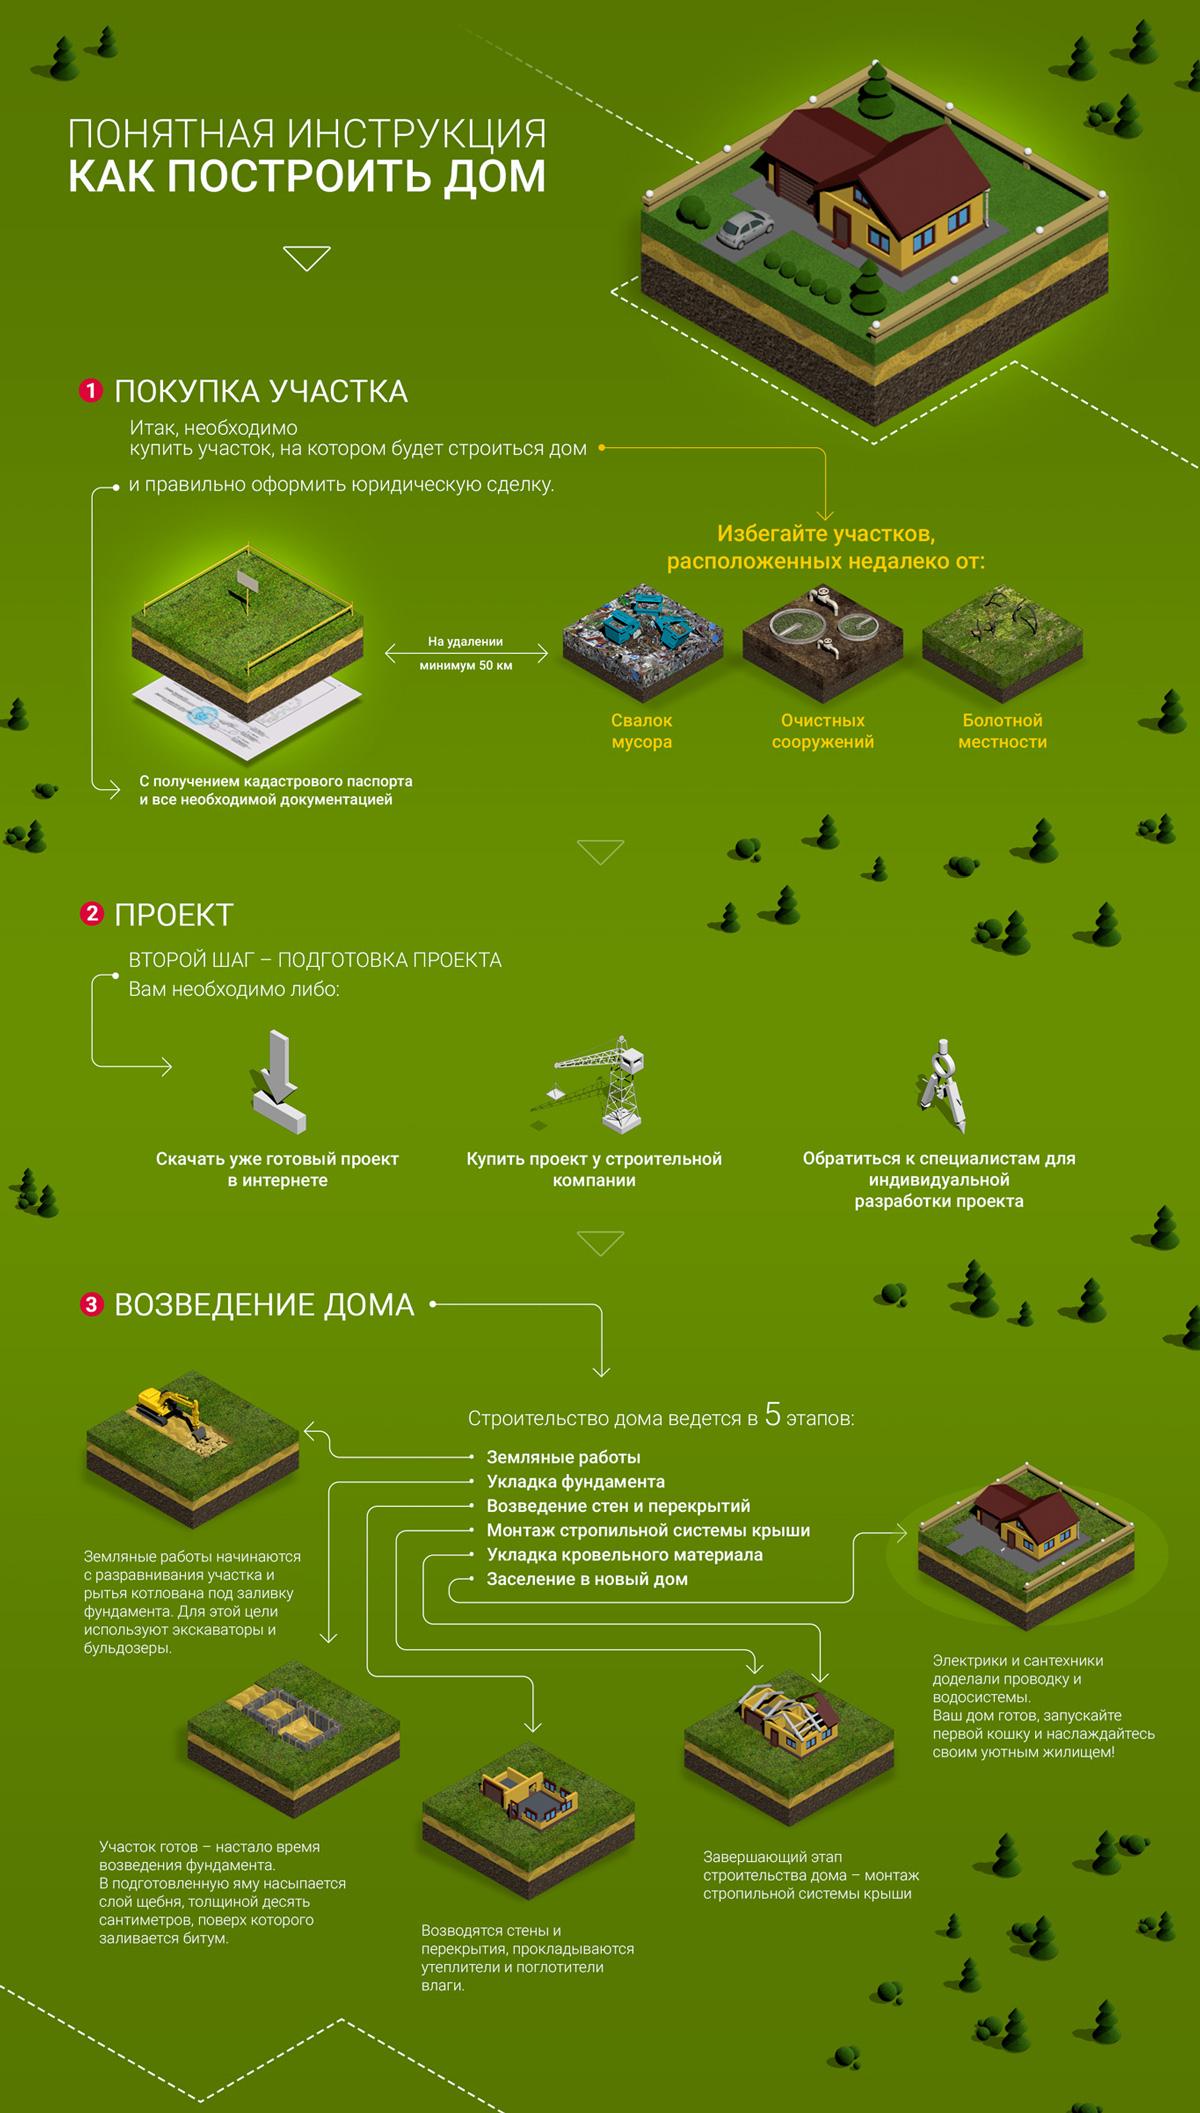 Инструкция по оформлению дома в собственность: пошаговое описание